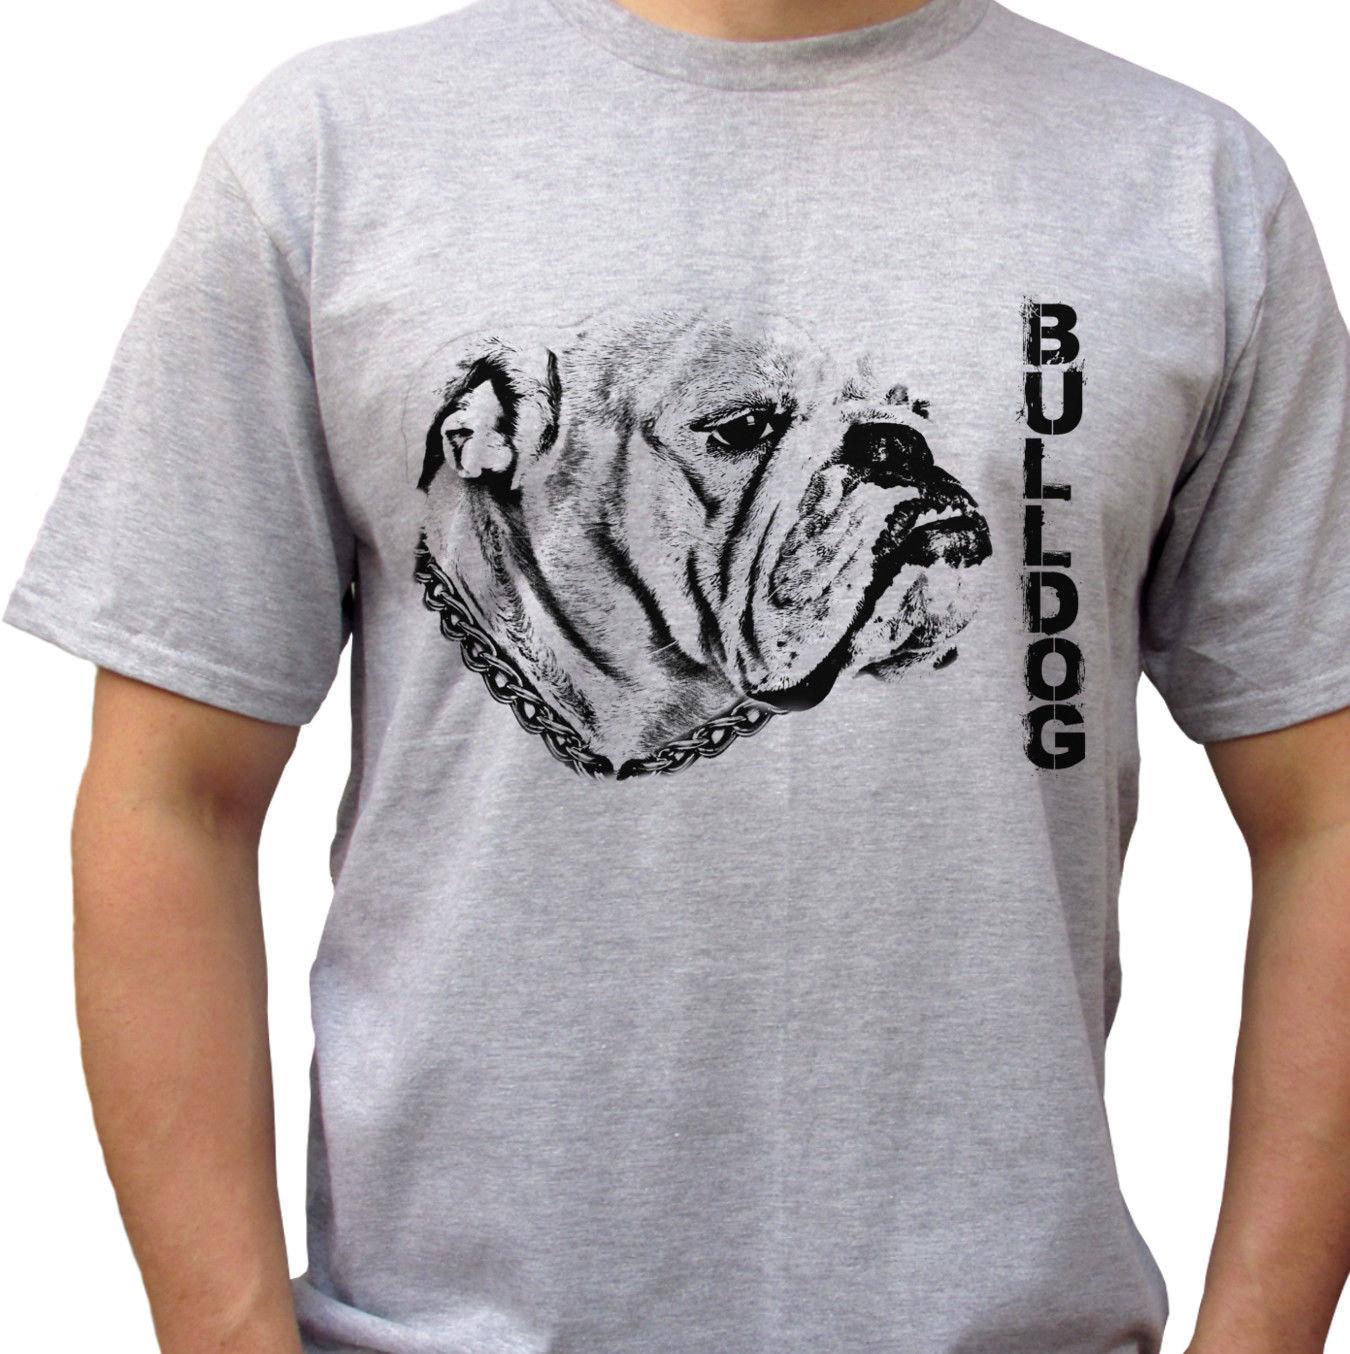 Compre Bulldog Camiseta Cinza Top Inglês Bulldog Tee Dog Design Mens